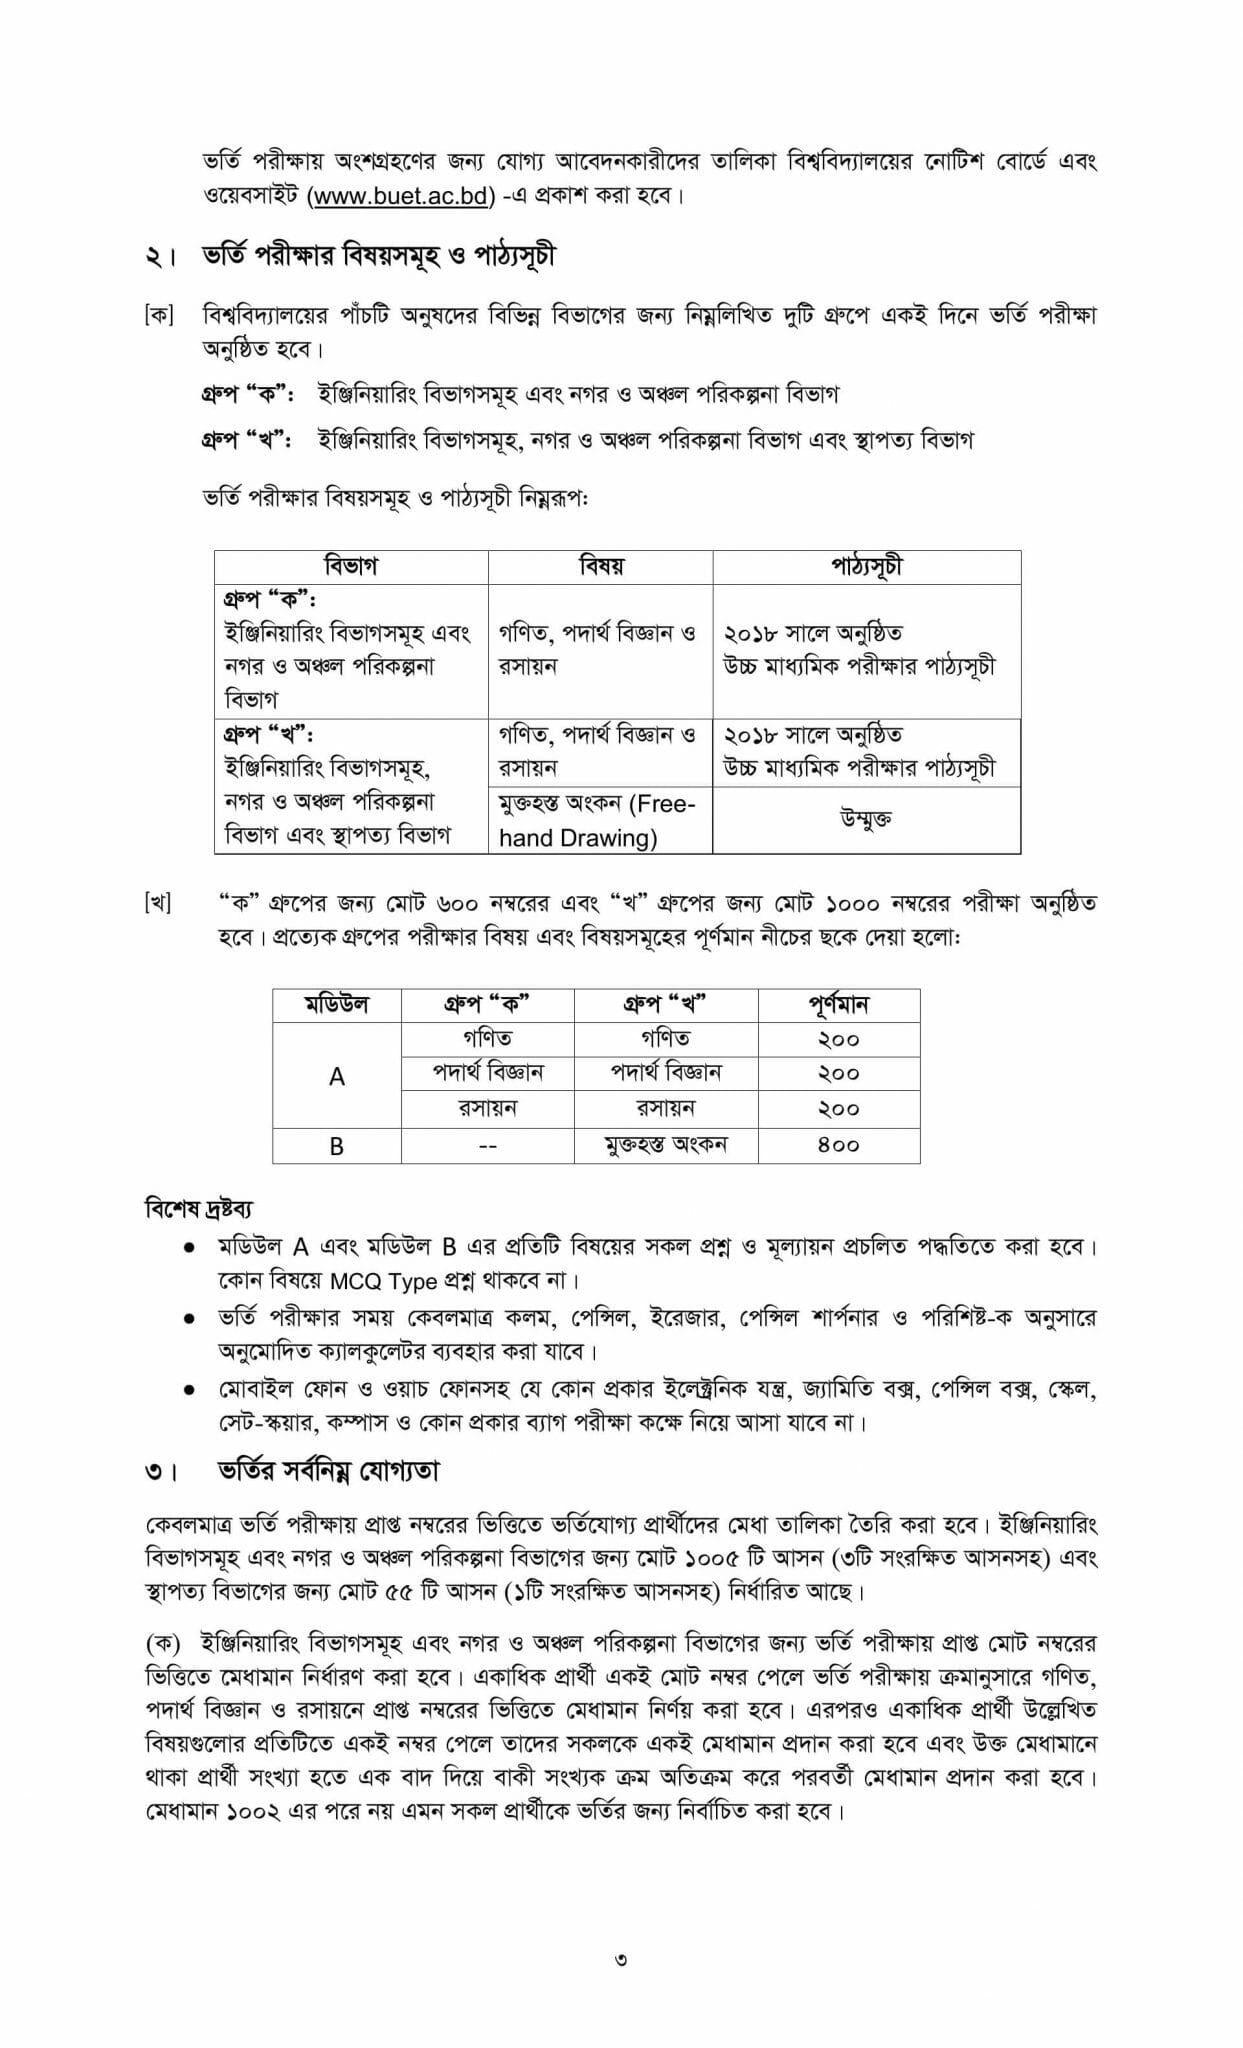 Bangladesh University of Engineering & Technology Admission Guideline-2